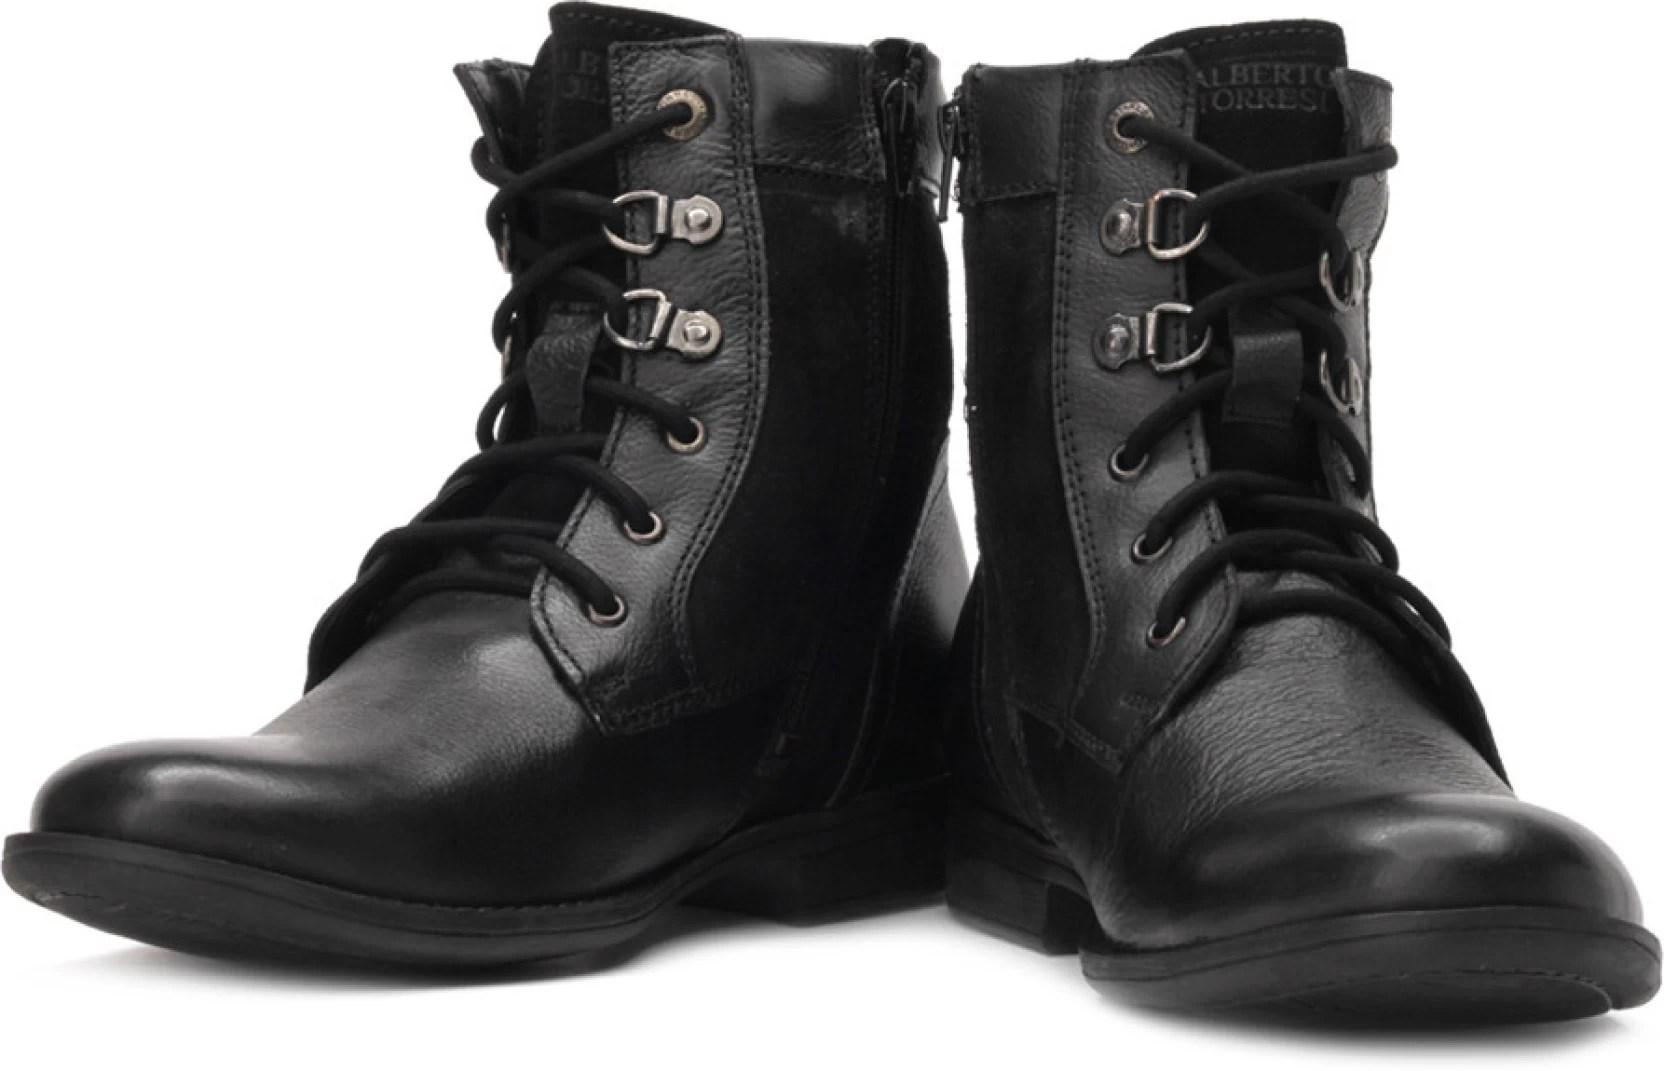 Alberto Torresi Boots Buy Black Color Alberto Torresi